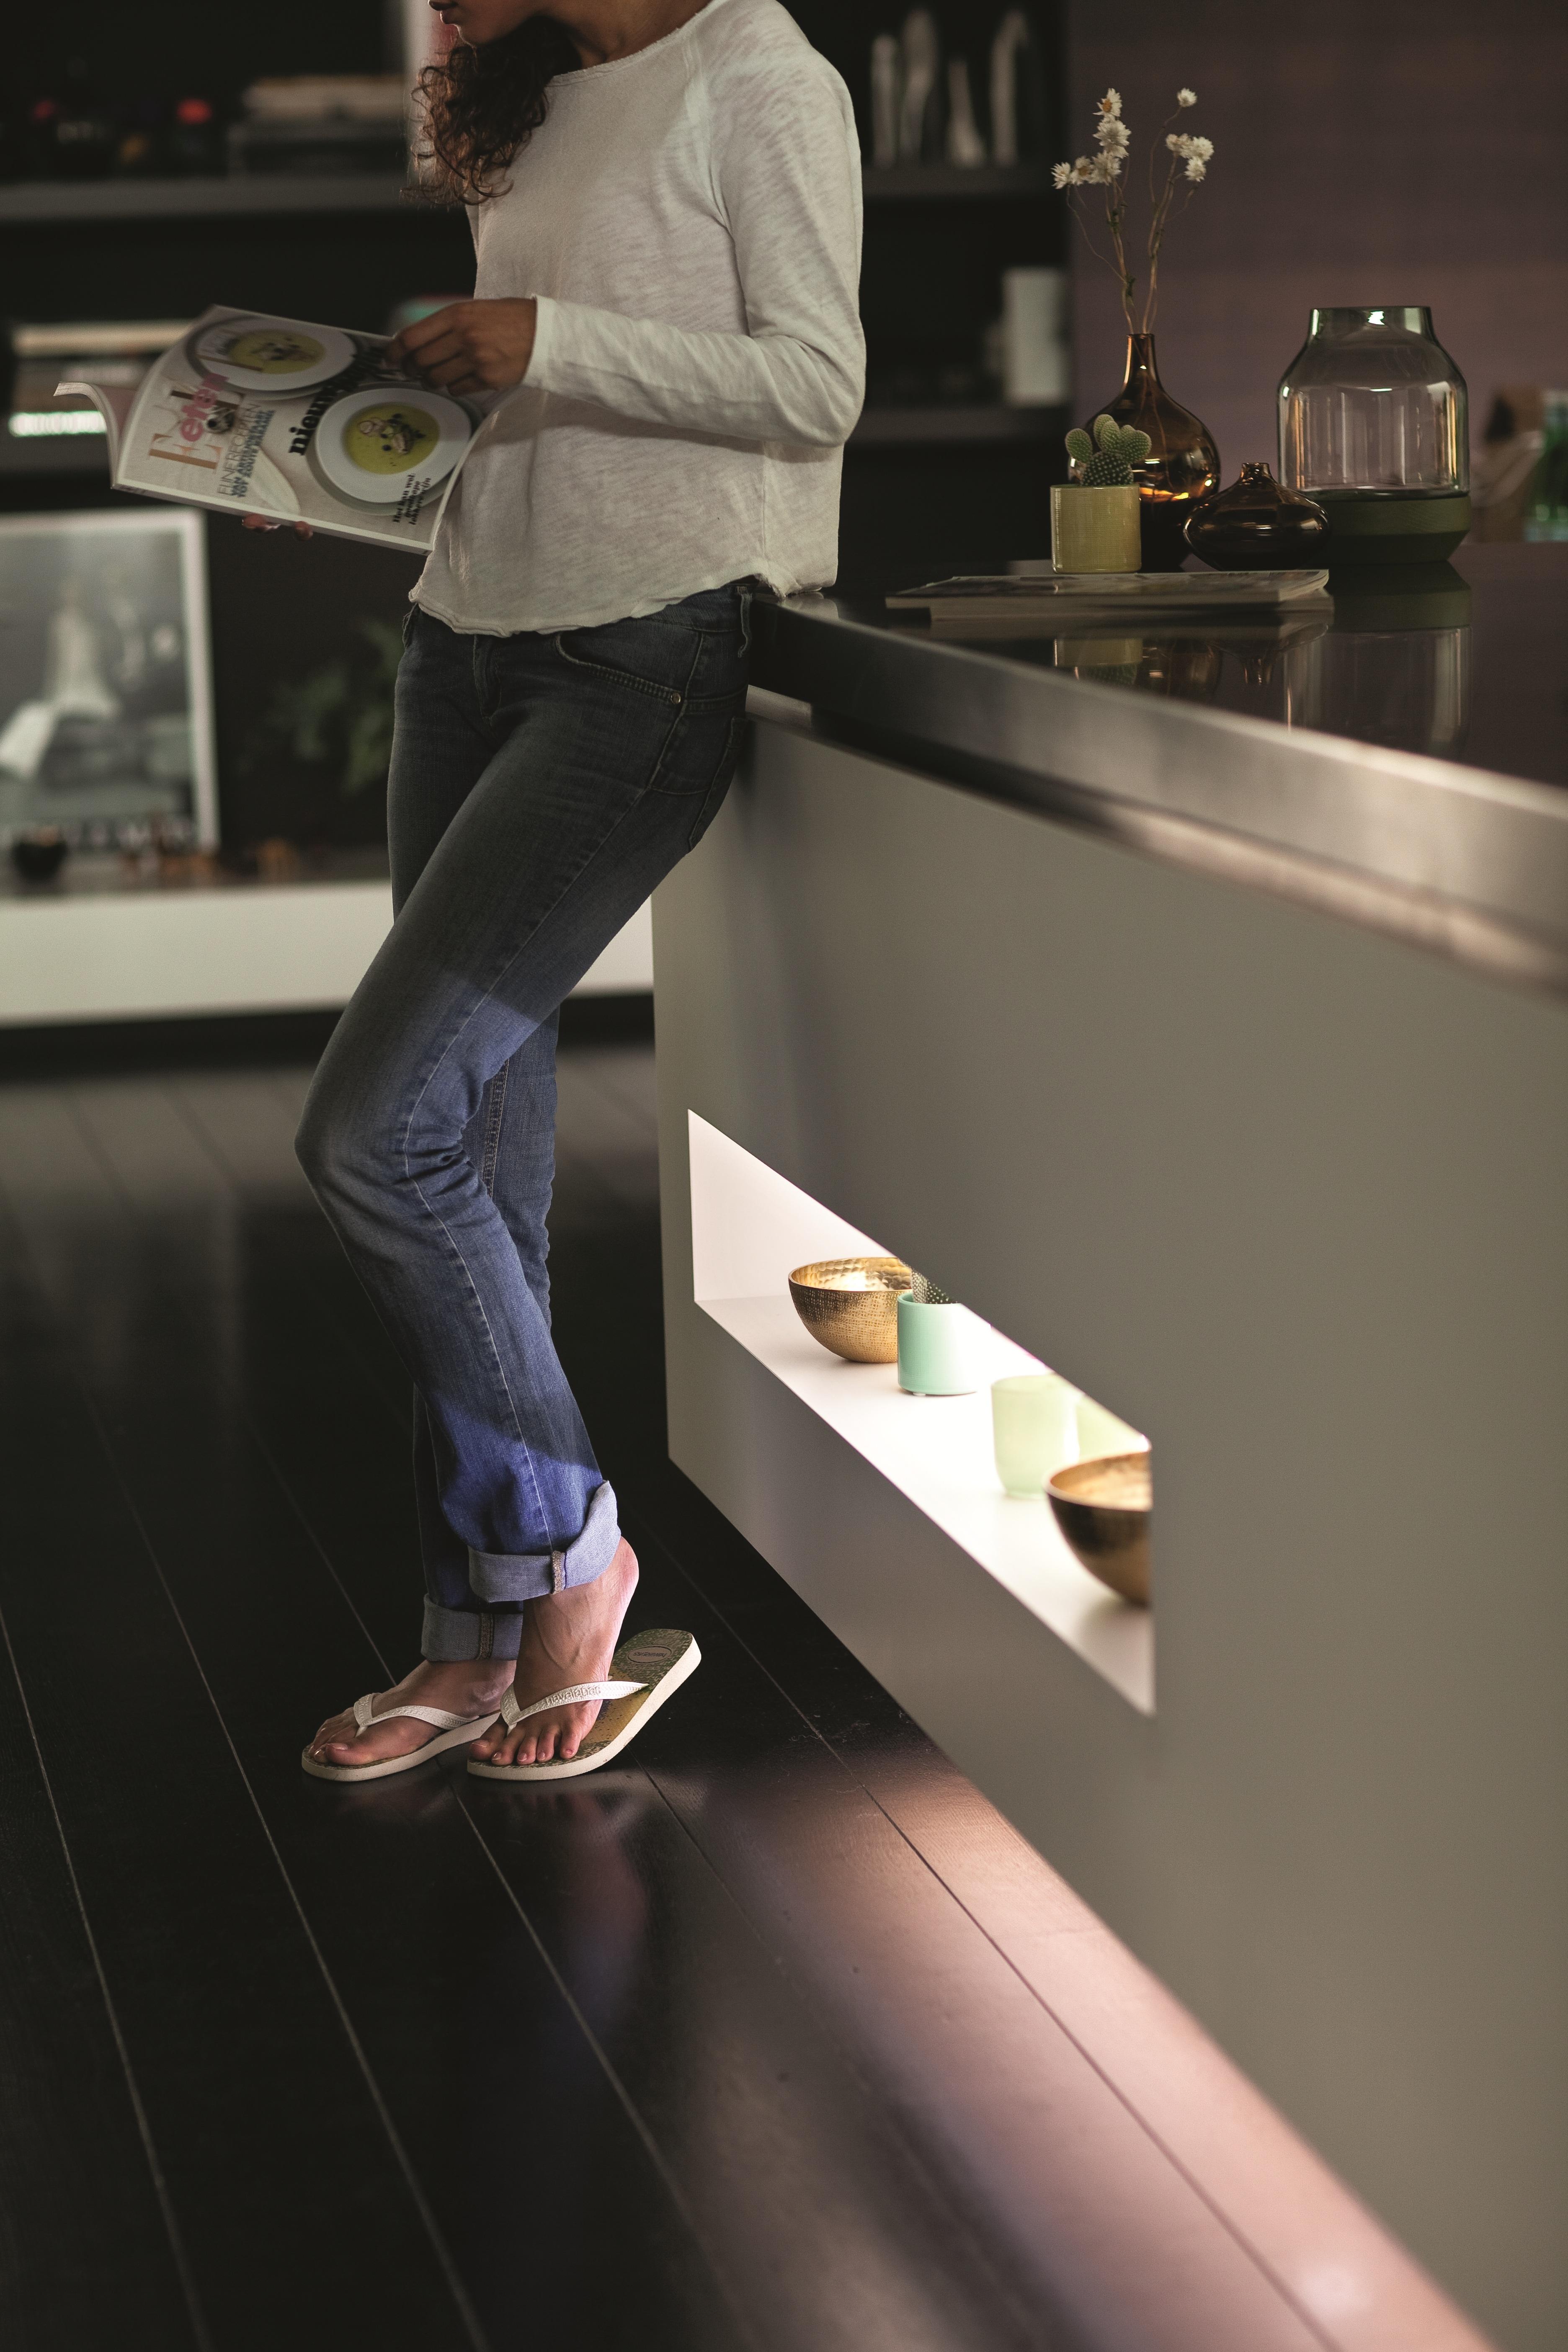 Hue_Lightstrip_Plus_kitchen_cupboard_white Schöne Philips Friends Of Hue Lightstrips Dekorationen